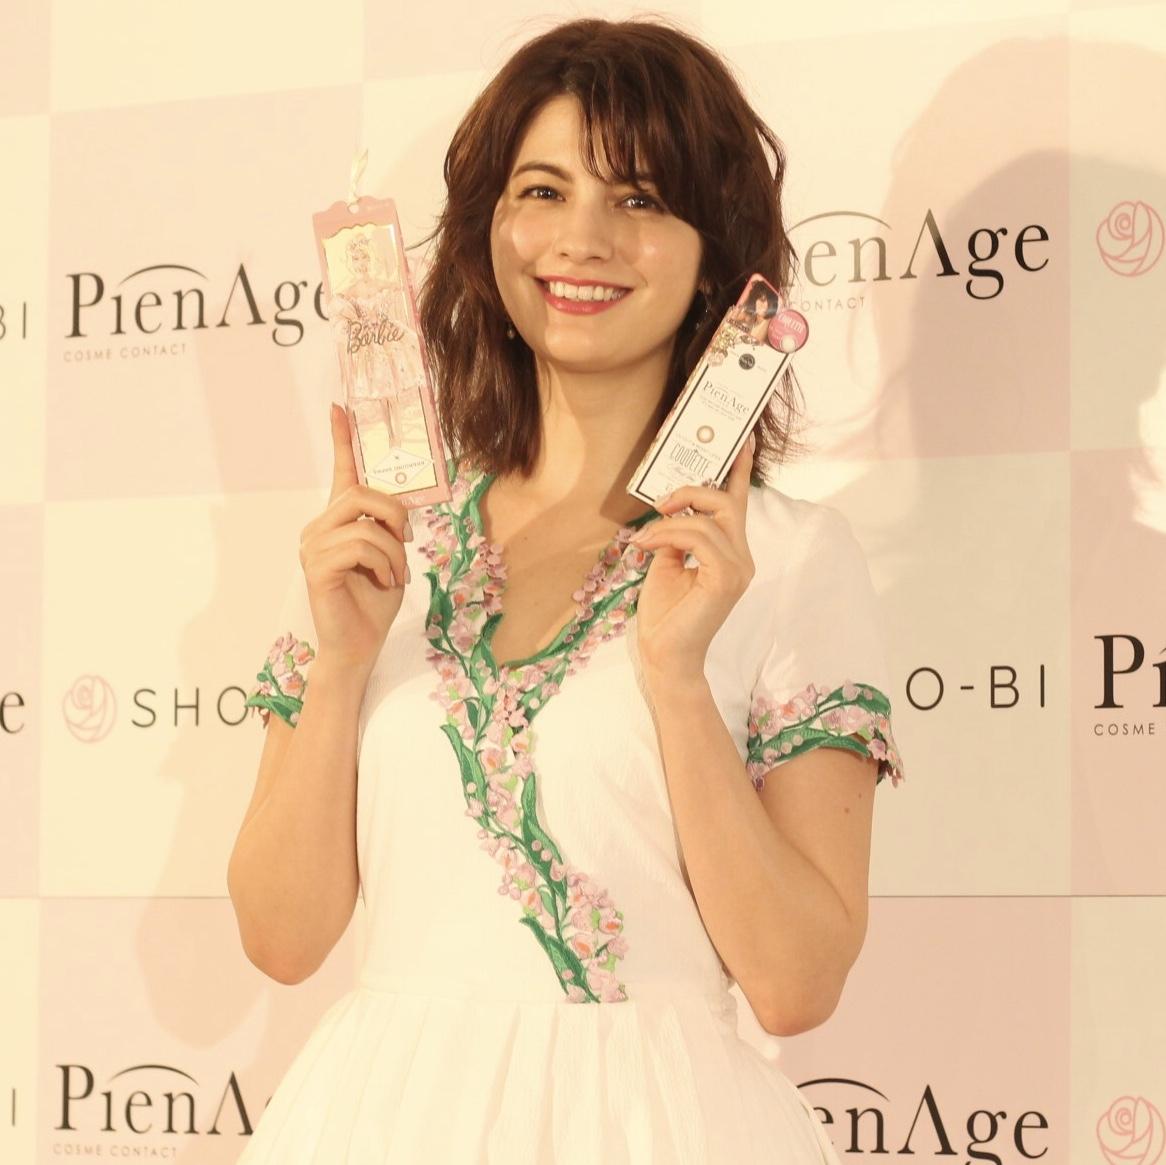 【イベントレポ】SHO-BIの人気カラコン「ピエナージュ」シリーズの新商品発売記念イベントにお邪魔してきました!